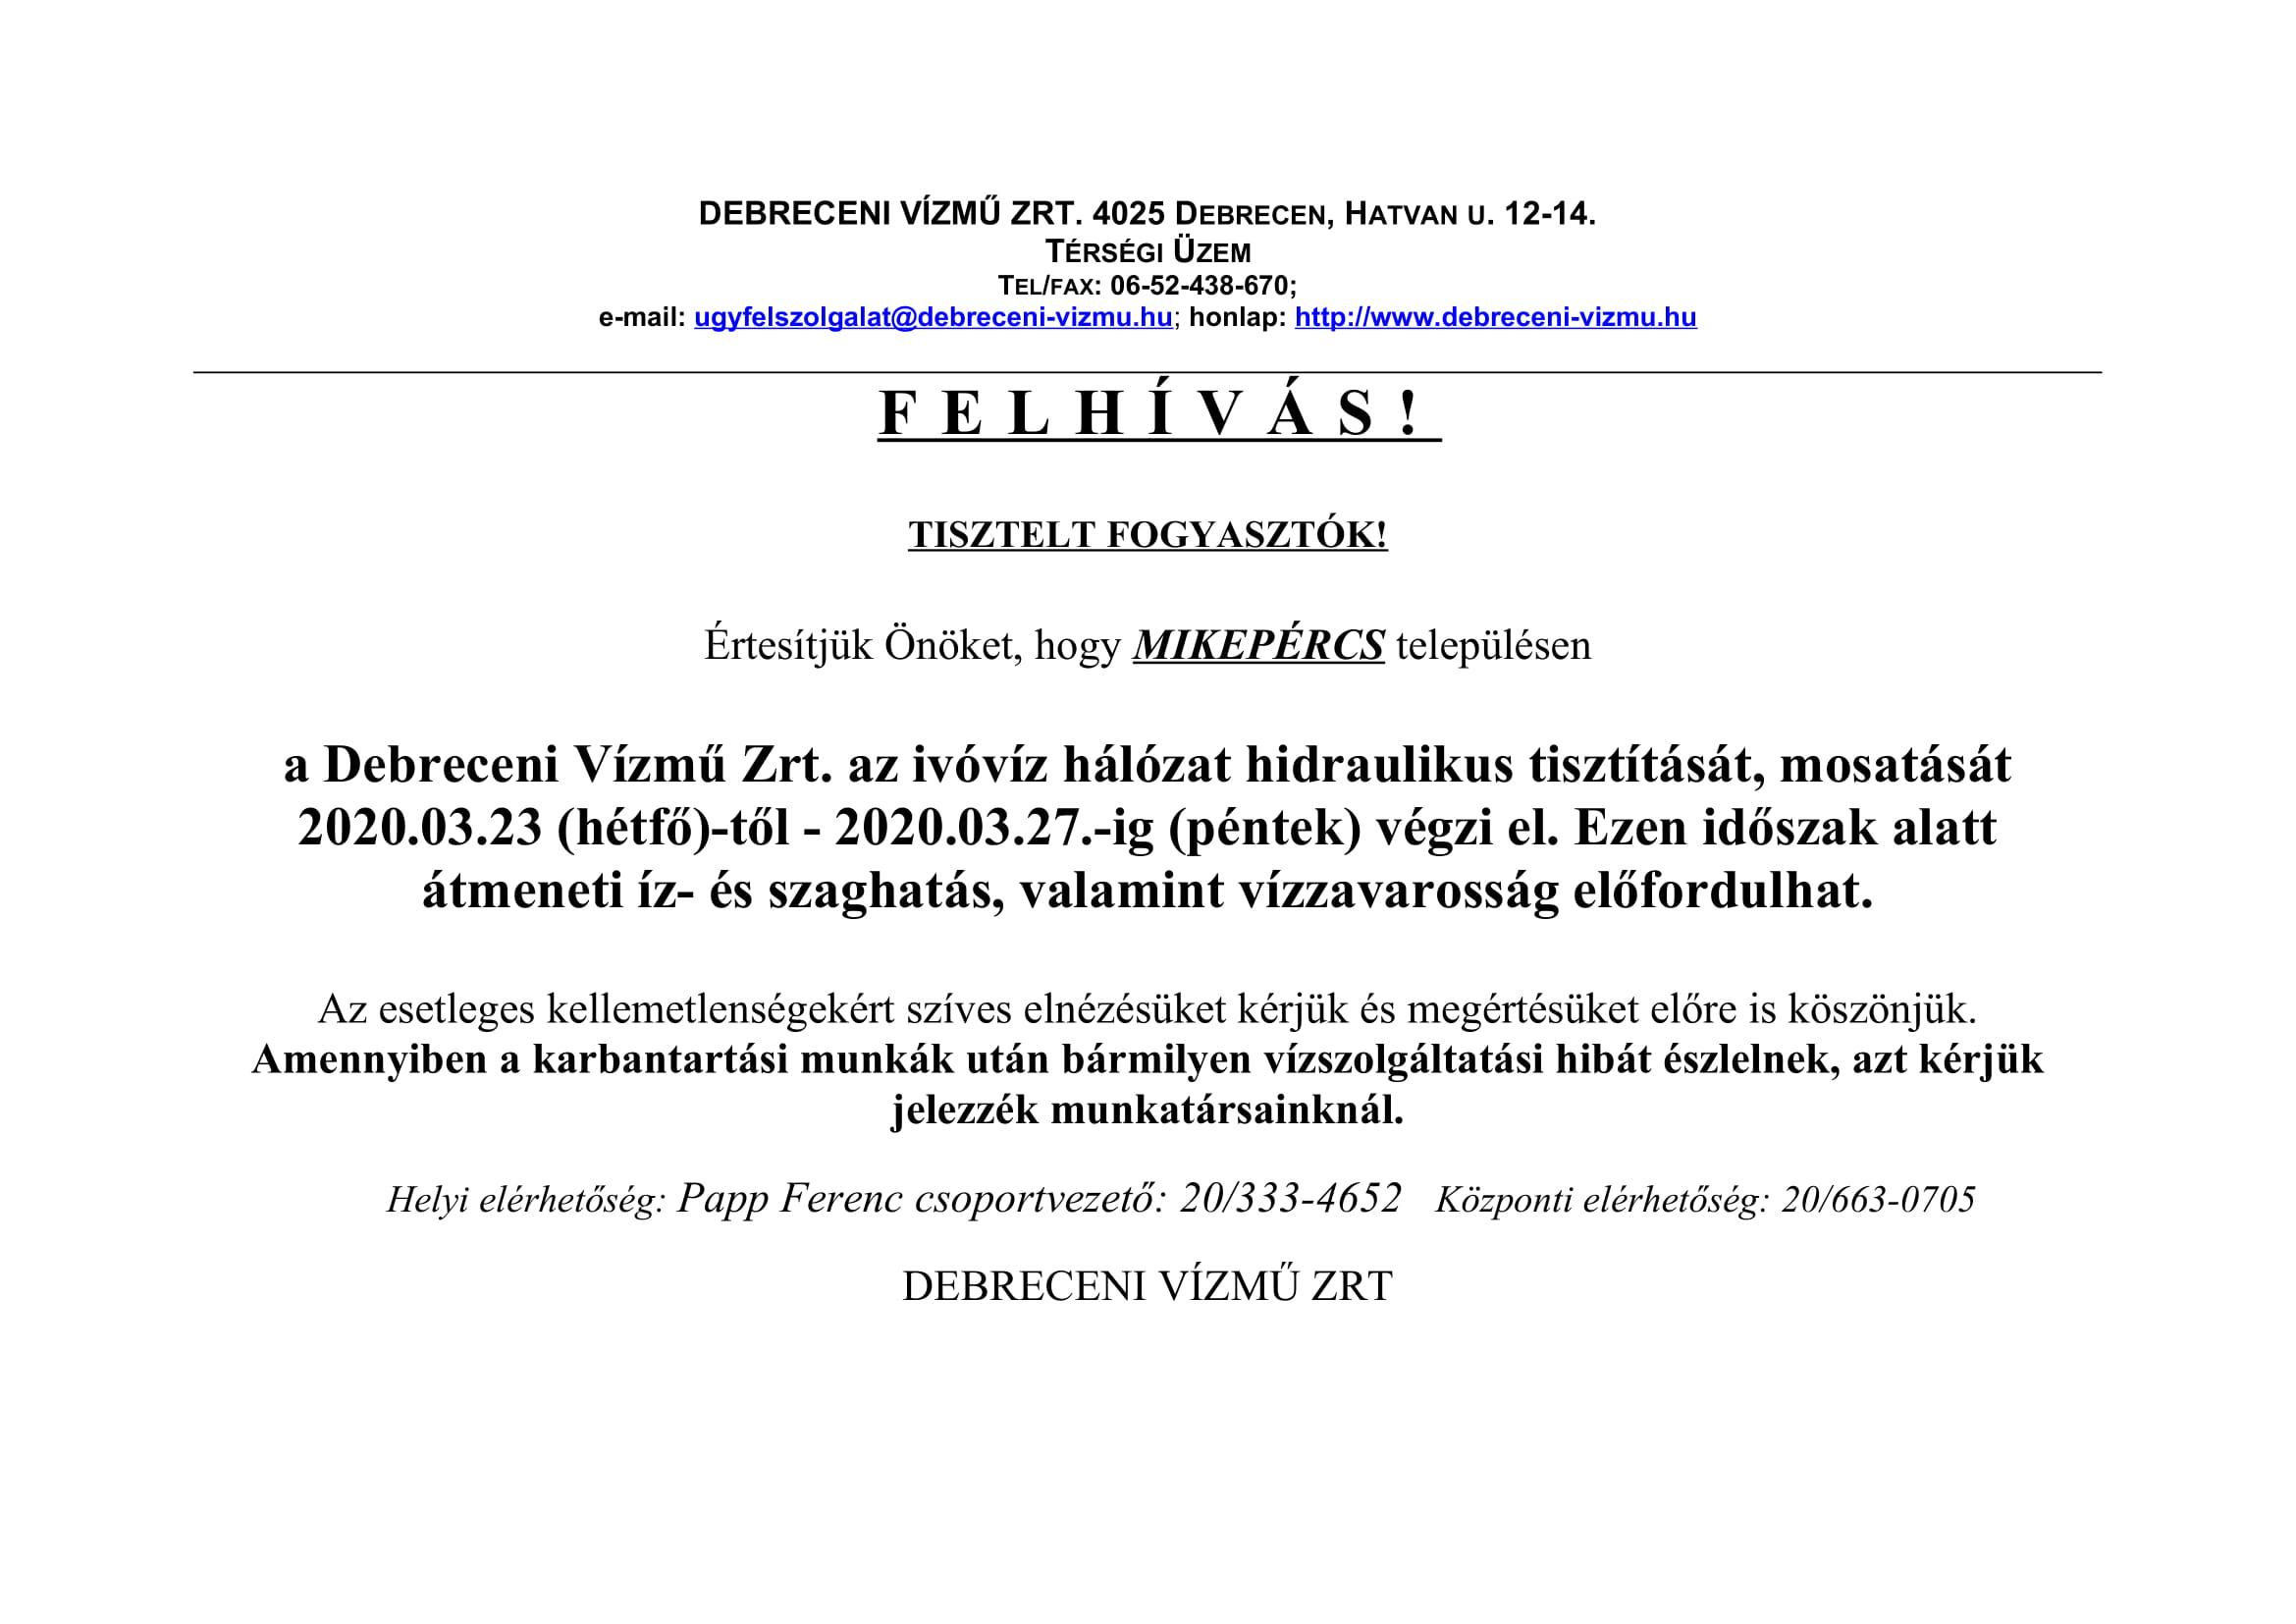 Debreceni Vízmű Zrt. tájékoztatóját tesszük közzé a mosatási és tisztítási munkáikról